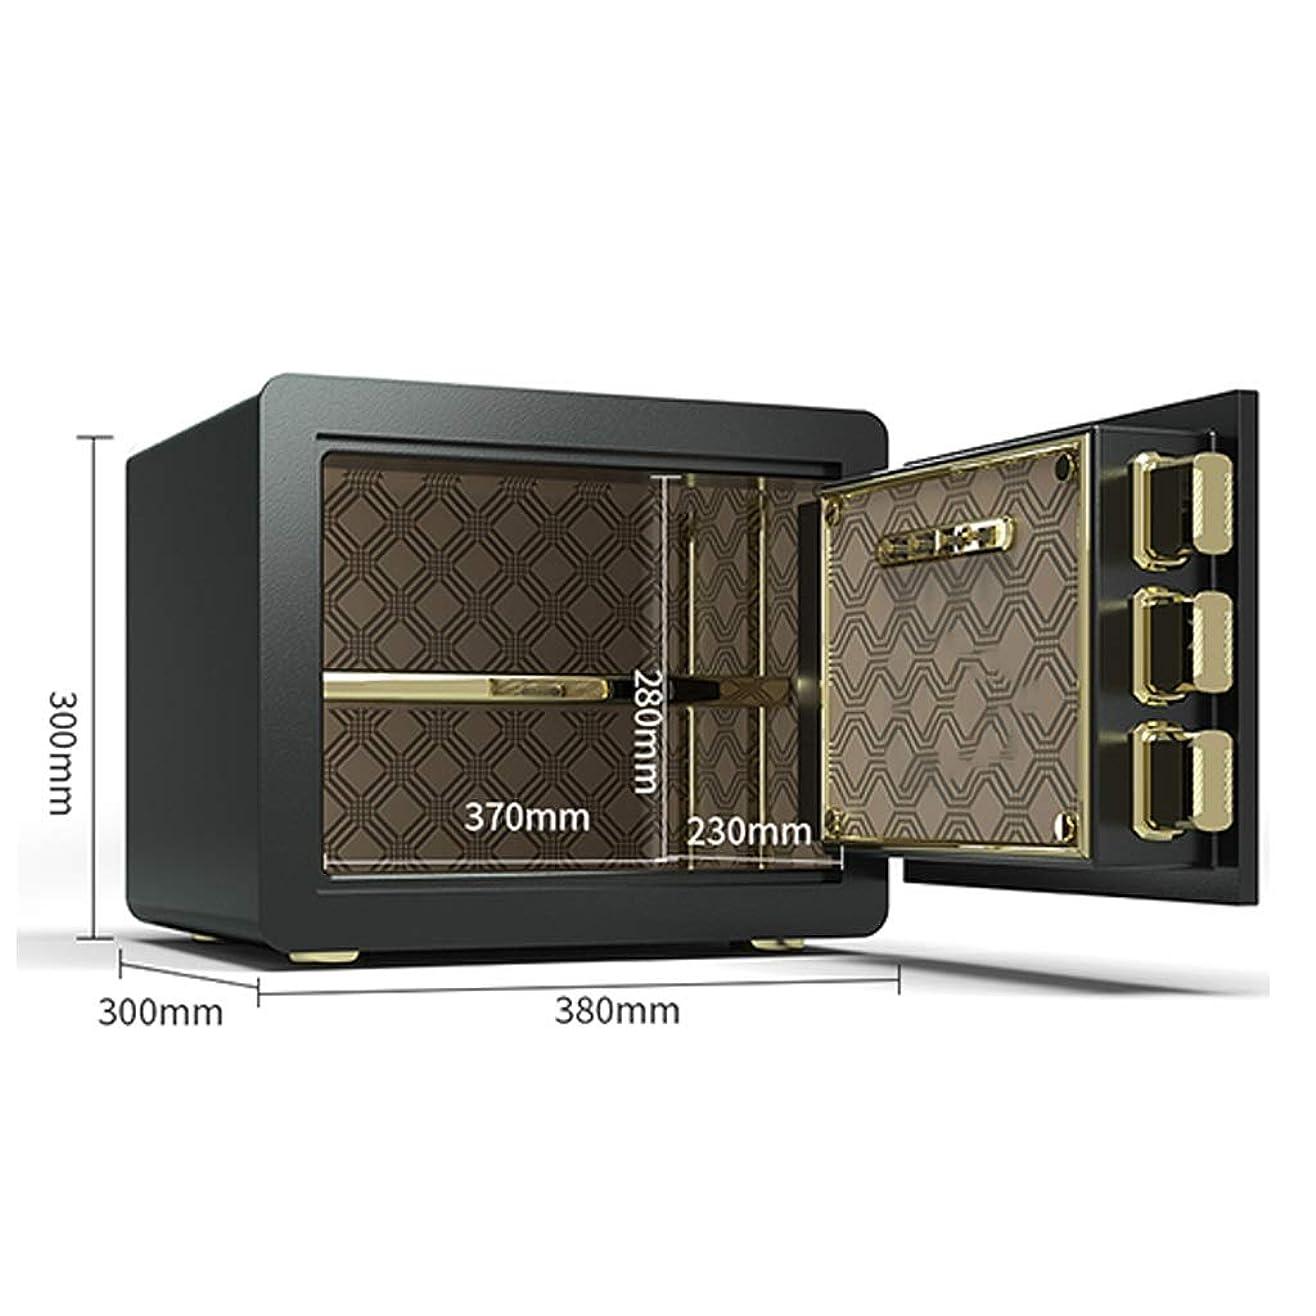 勇気のある森林バクテリアパーツボックス 安全な隠しベッドサイドテーブル指紋電子パスワードロック解除の小型家電ストレージ内閣府の重要な文書 (Color : Black, Size : 38*30*30cm)